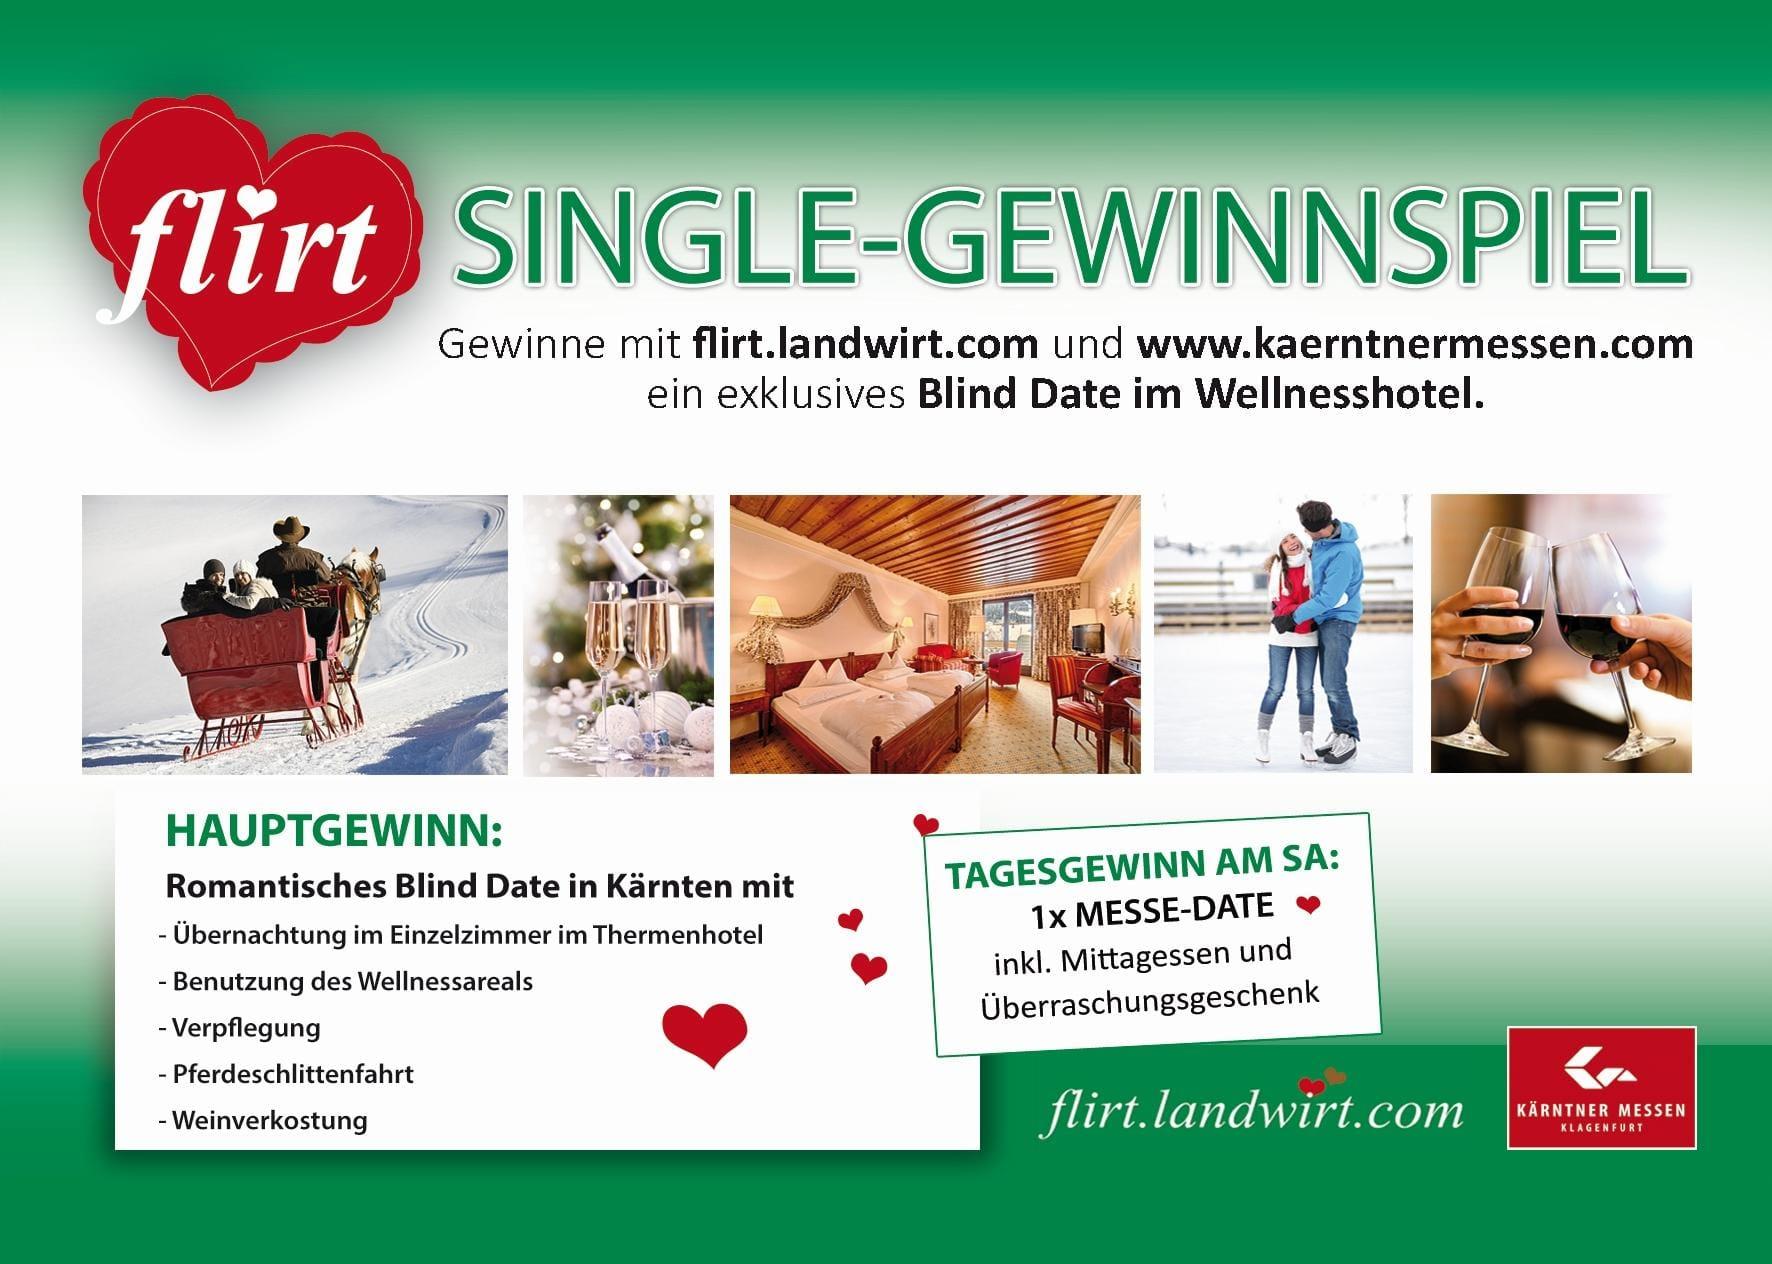 Flirt Gewinnspiel auf der Agrarmesse Alpen Adria 2016